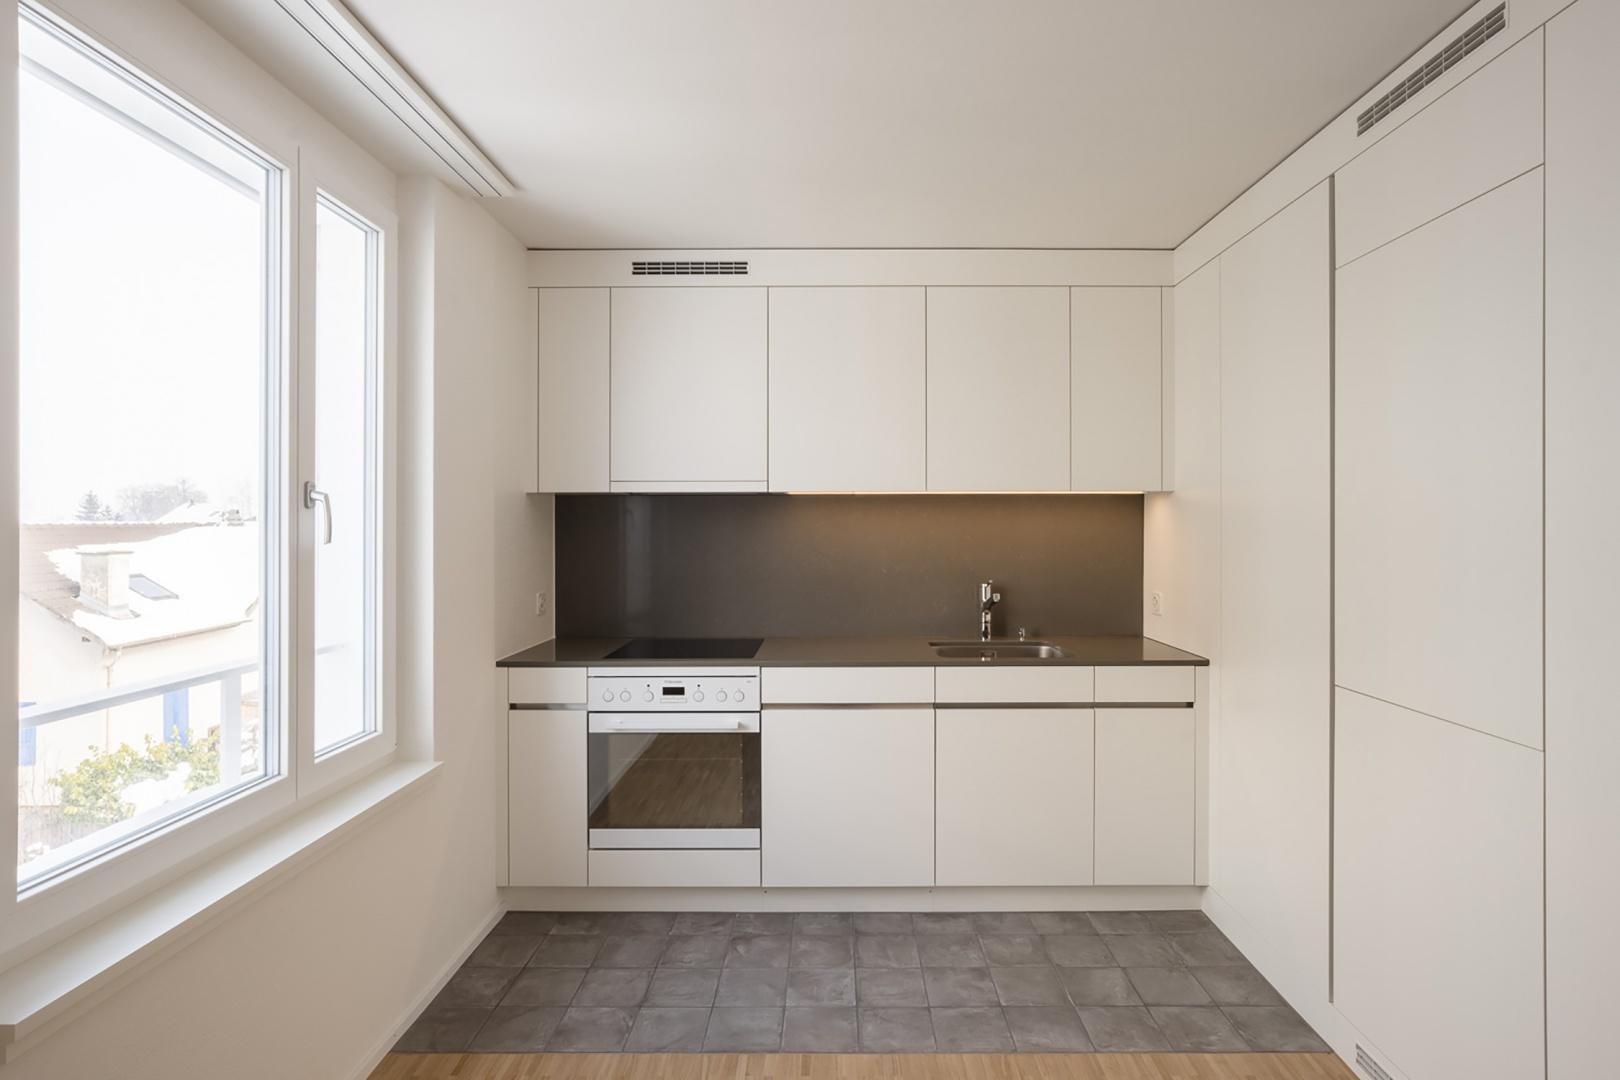 Vielfalt an Wohnungstypologien © Stephan Bösch, St. Gallen 2017